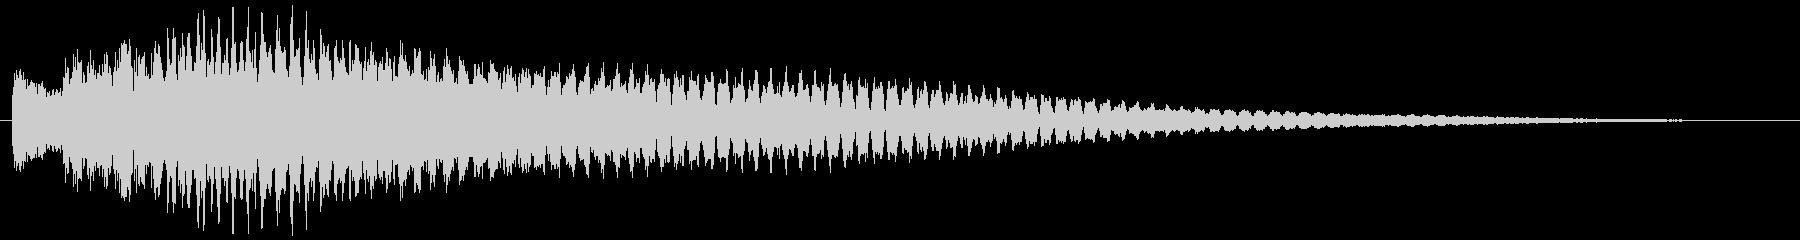 ポロリローン(ベルチャイム)の未再生の波形